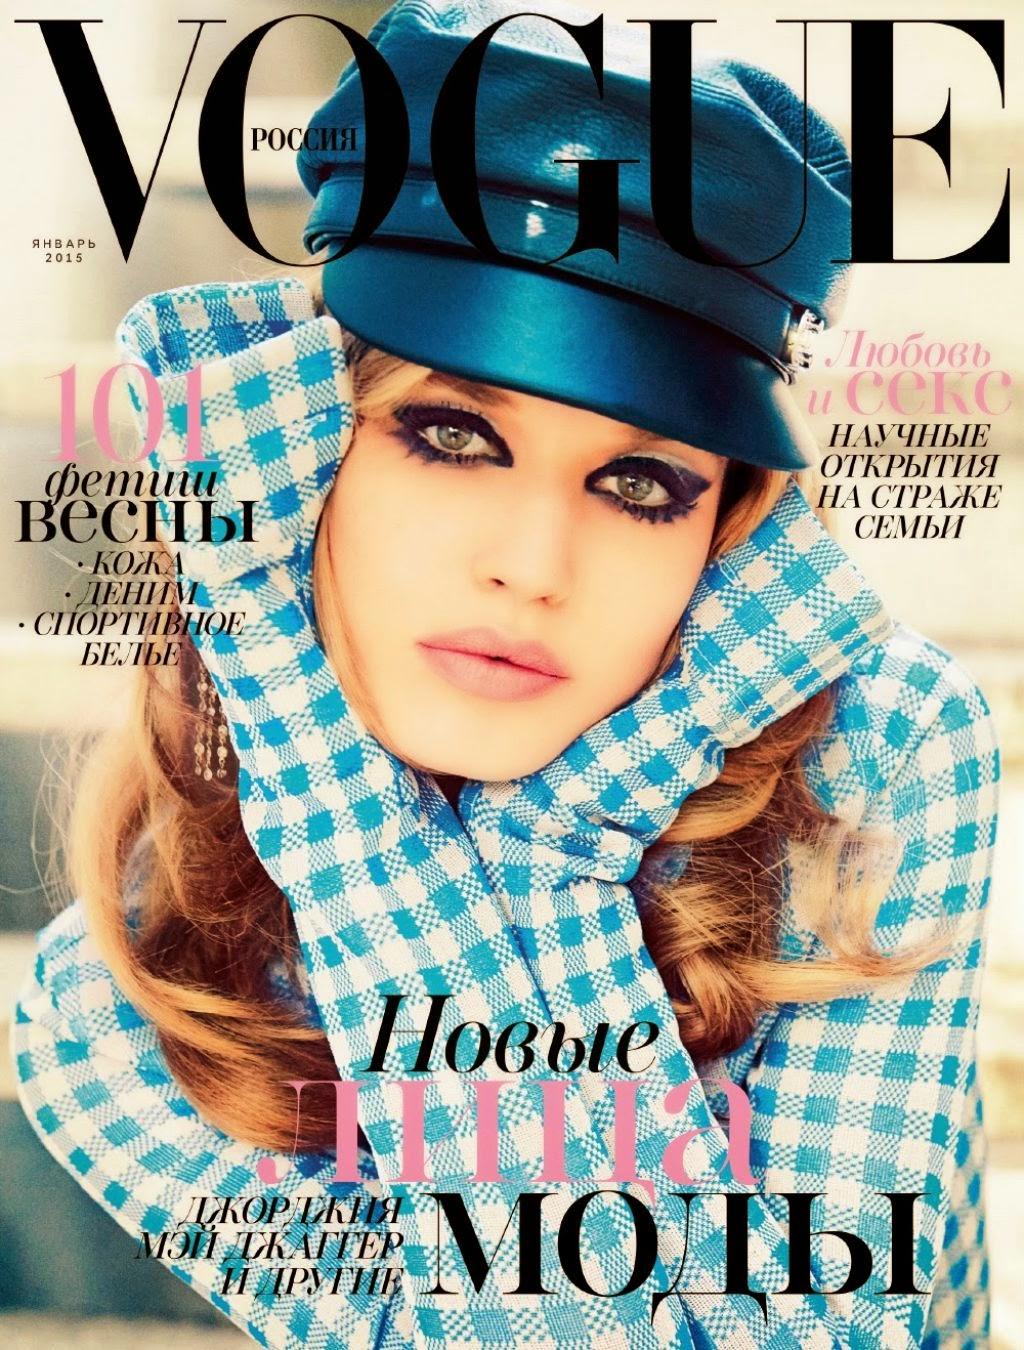 صور الموديل جورجيا جاغر في مجلة Vogue الروسية إصدار يناير 2015